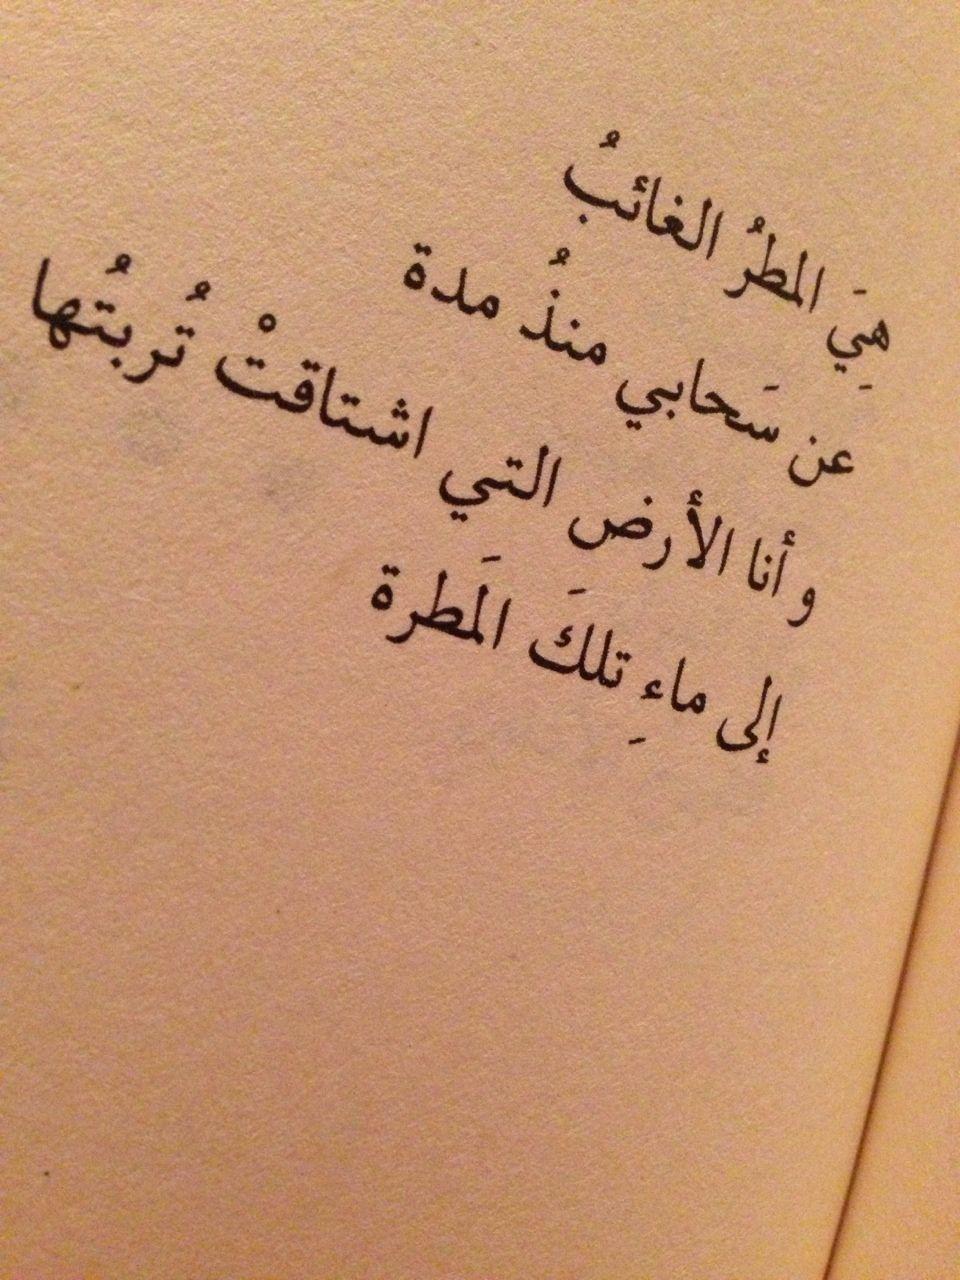 هي المطر الغائب و أنا التراب الذي اشتاق للمطر Words Quotes Mood Quotes Quotations